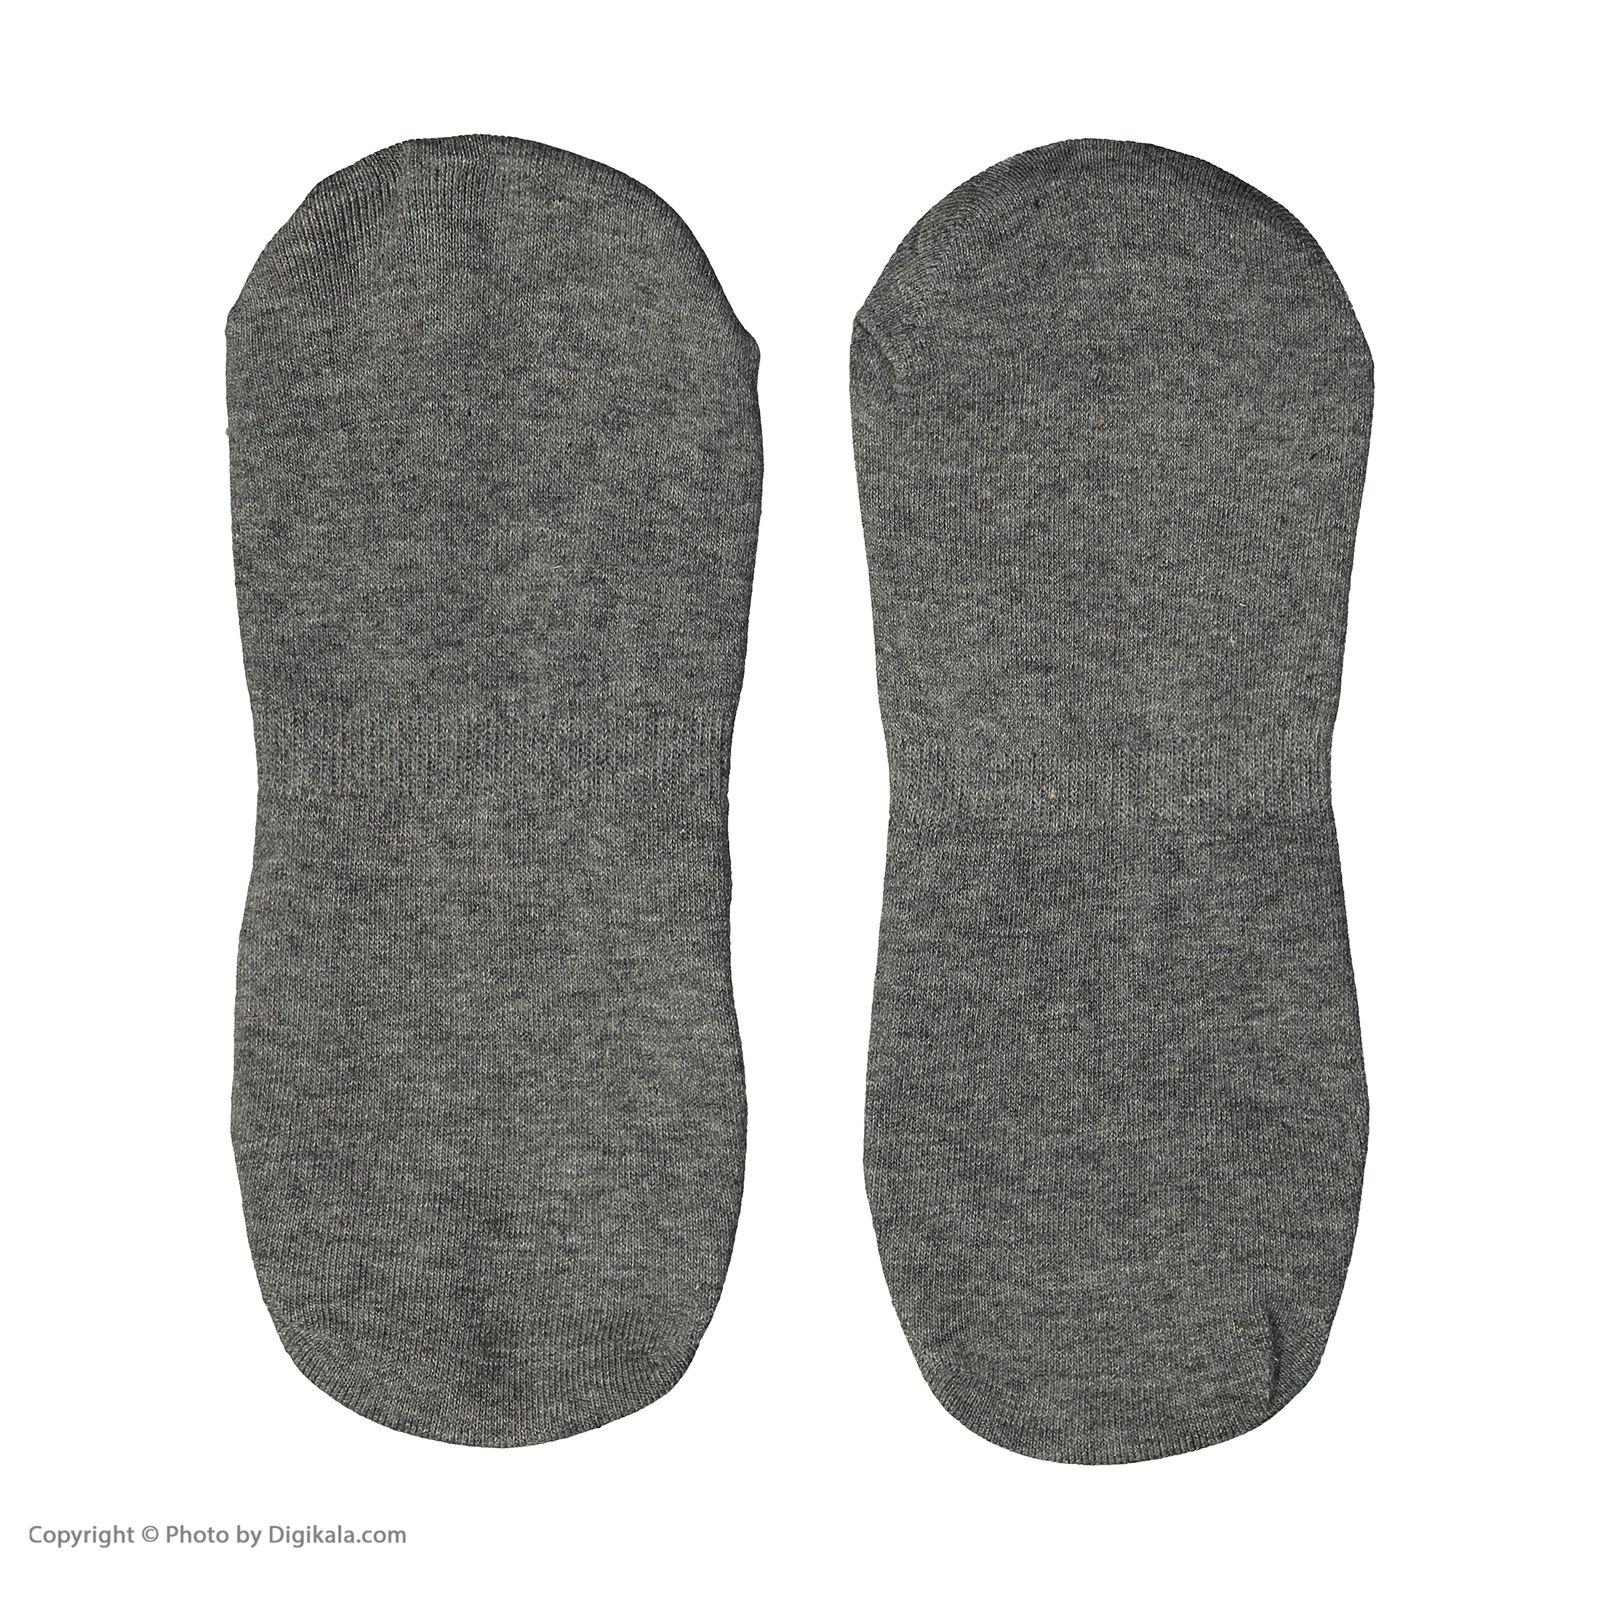 جوراب مردانه یوپیم مدل 5116940-Melange Grey بسته 3 عددی - طوسي - 3